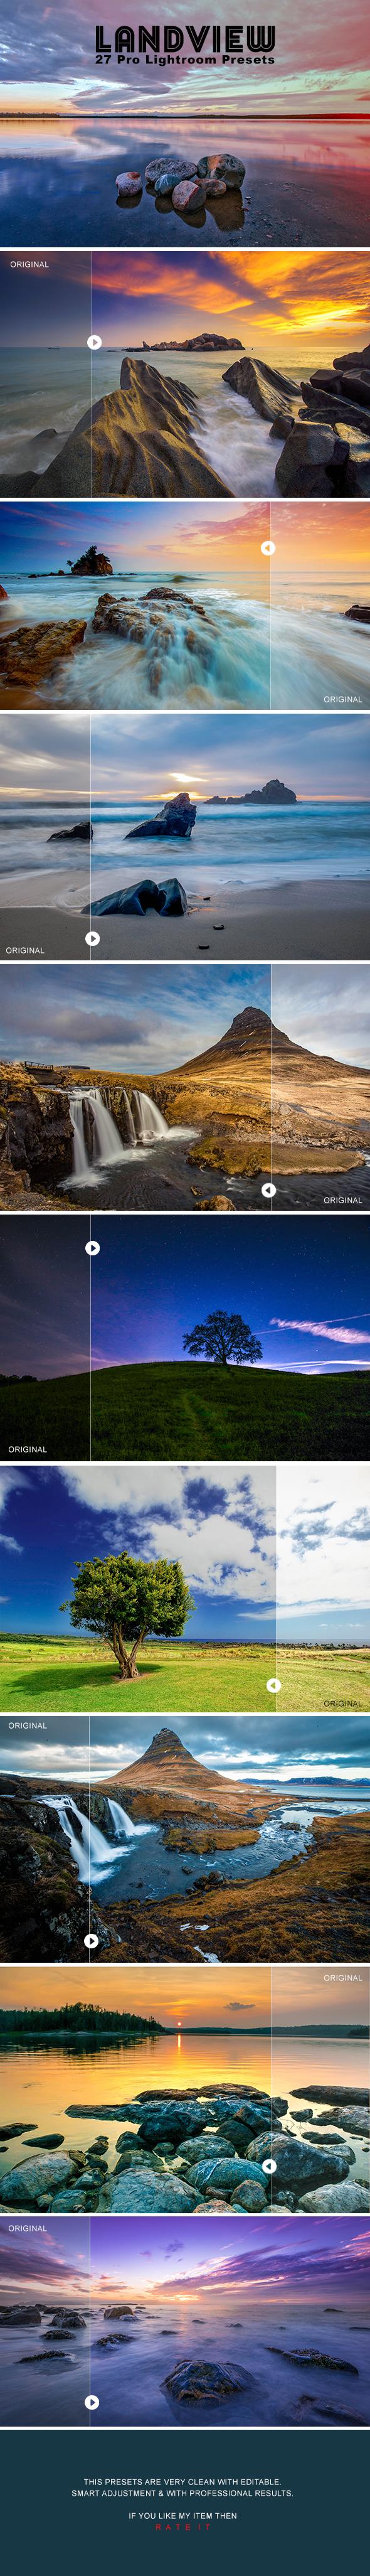 Landview Pro Lightroom Presets - Lightroom Presets Add-ons